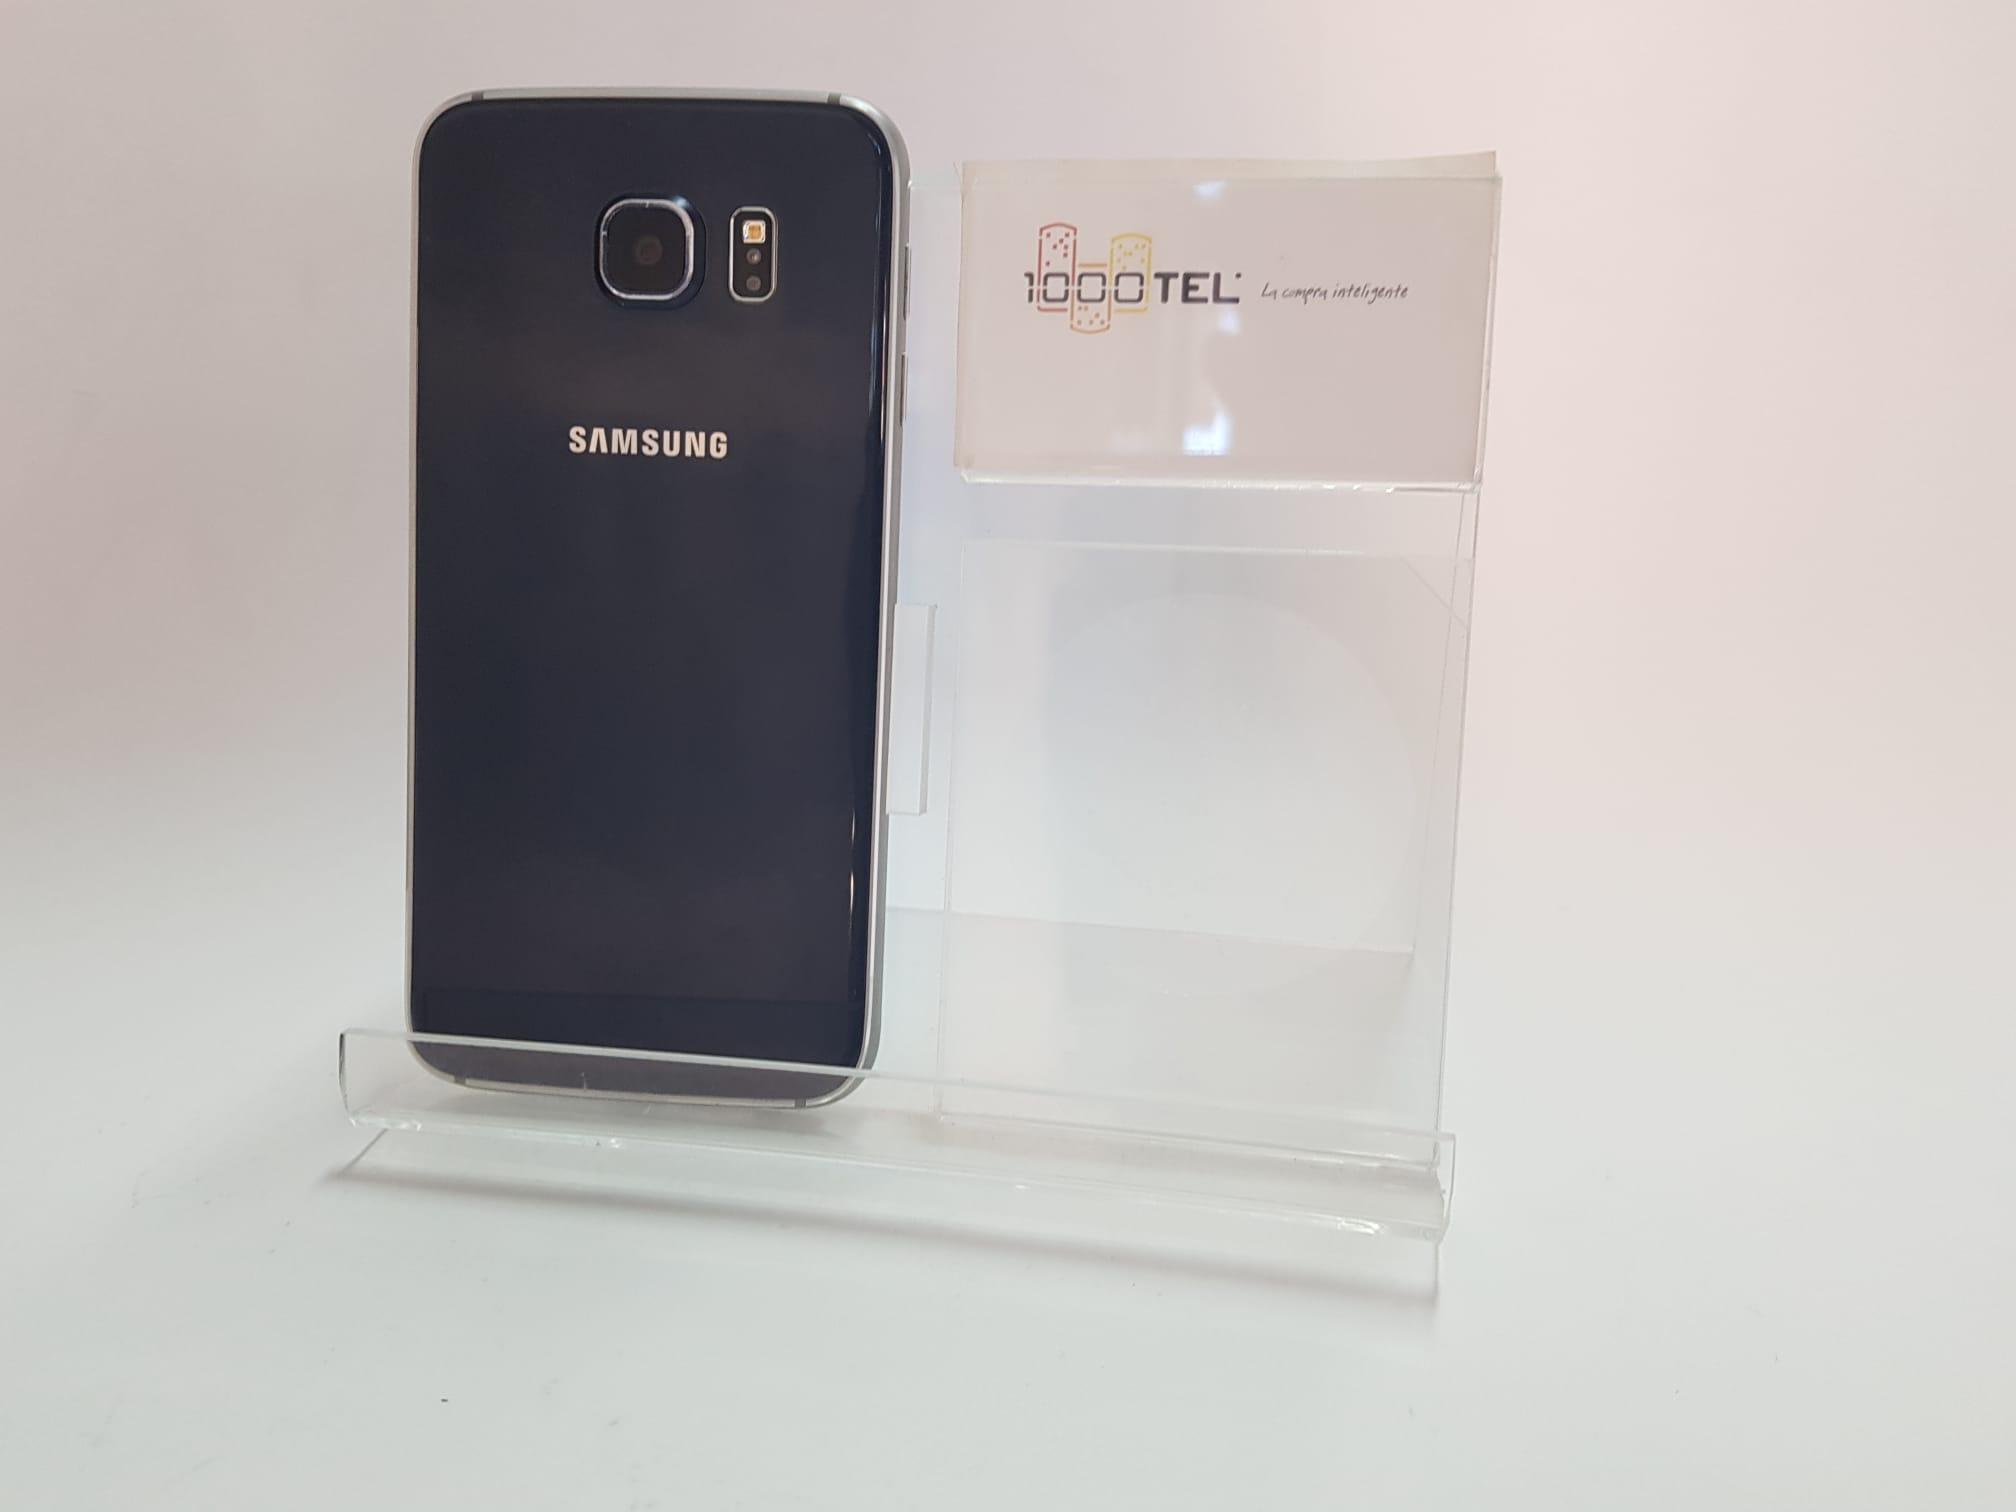 Samsung Galaxy S6 #2